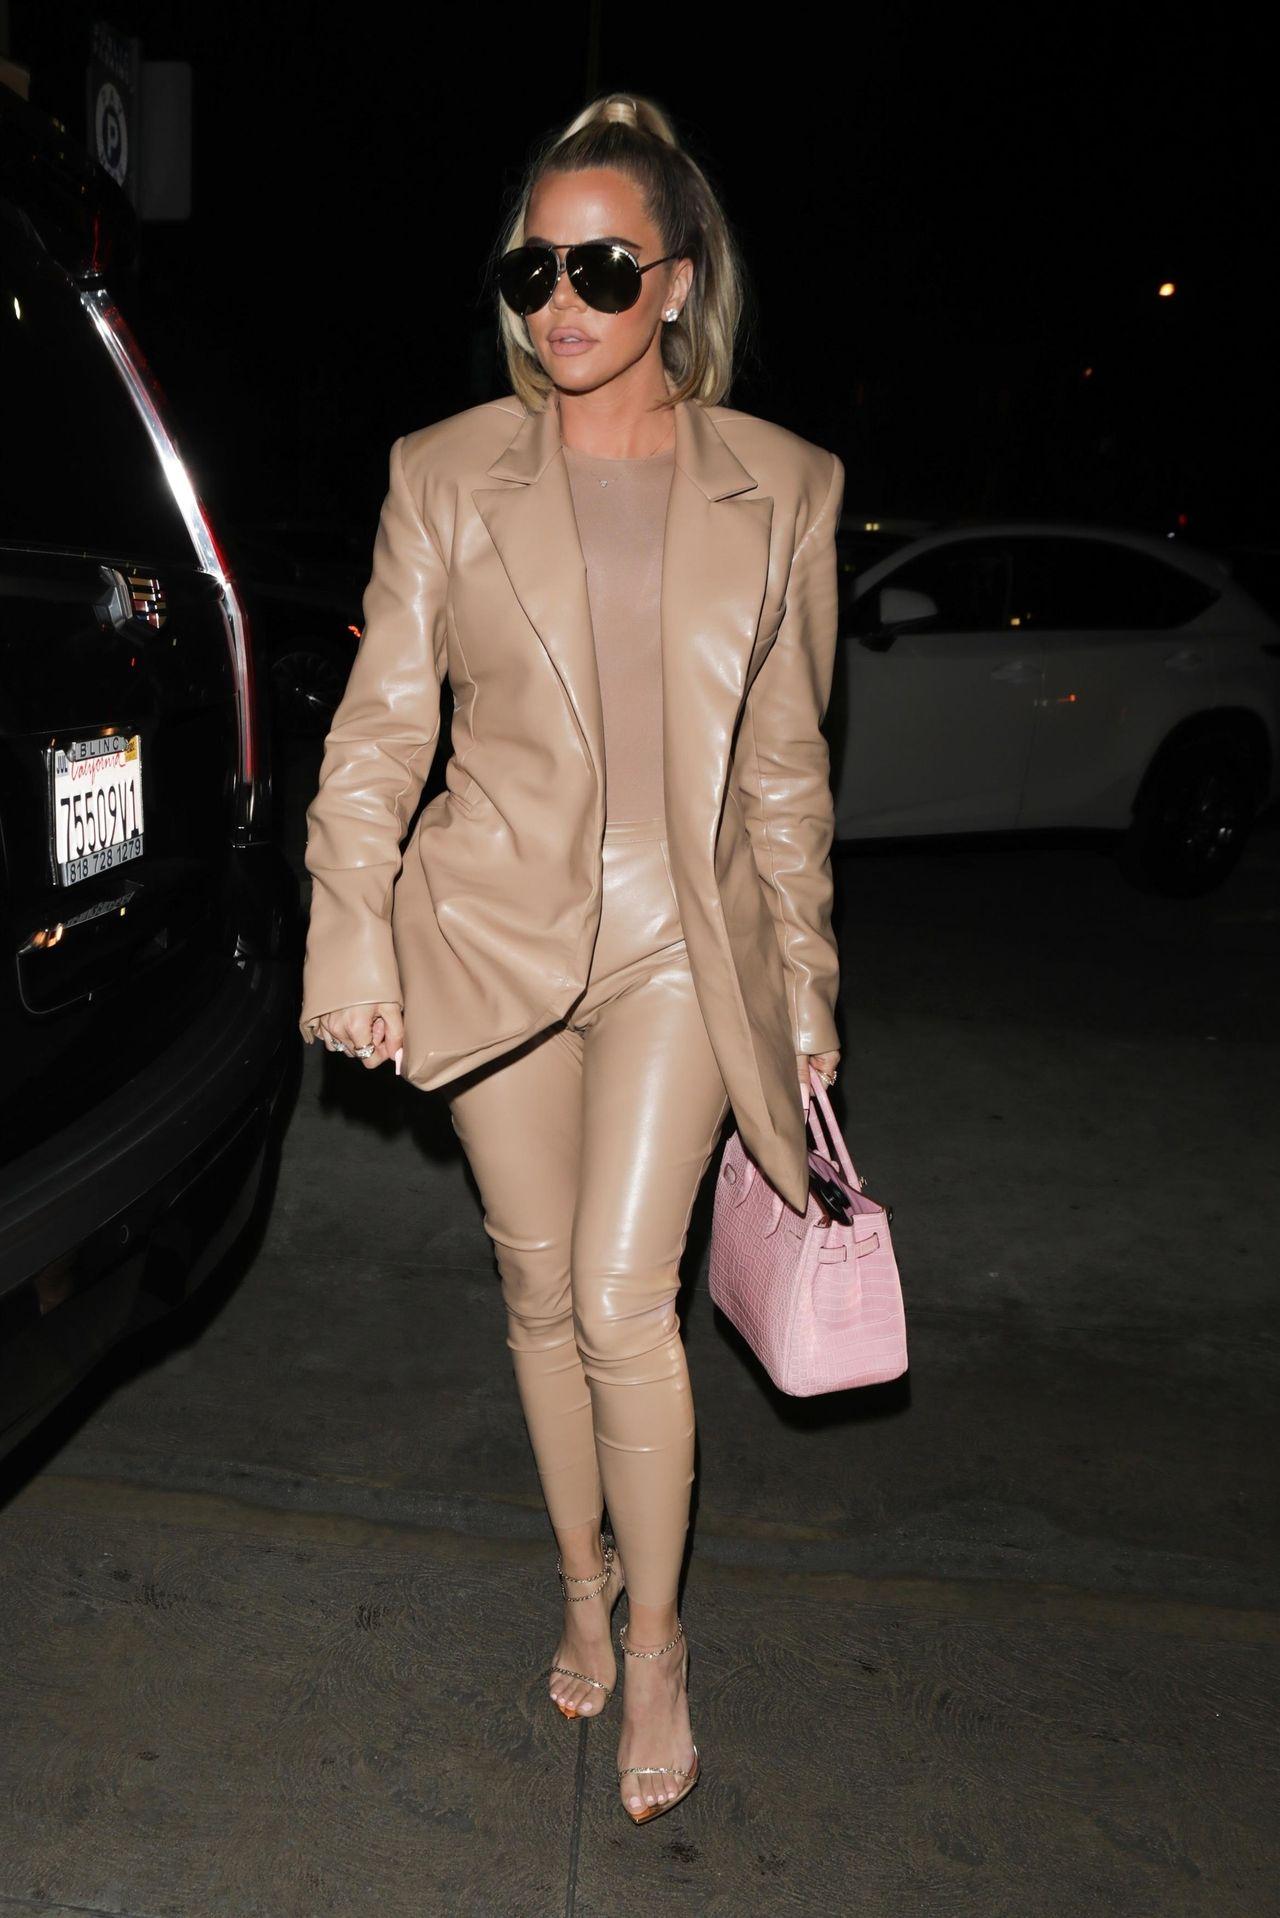 Khloe Kardashian w skórzanym zestawie, podkreśliła szczupłą sylwetkę.